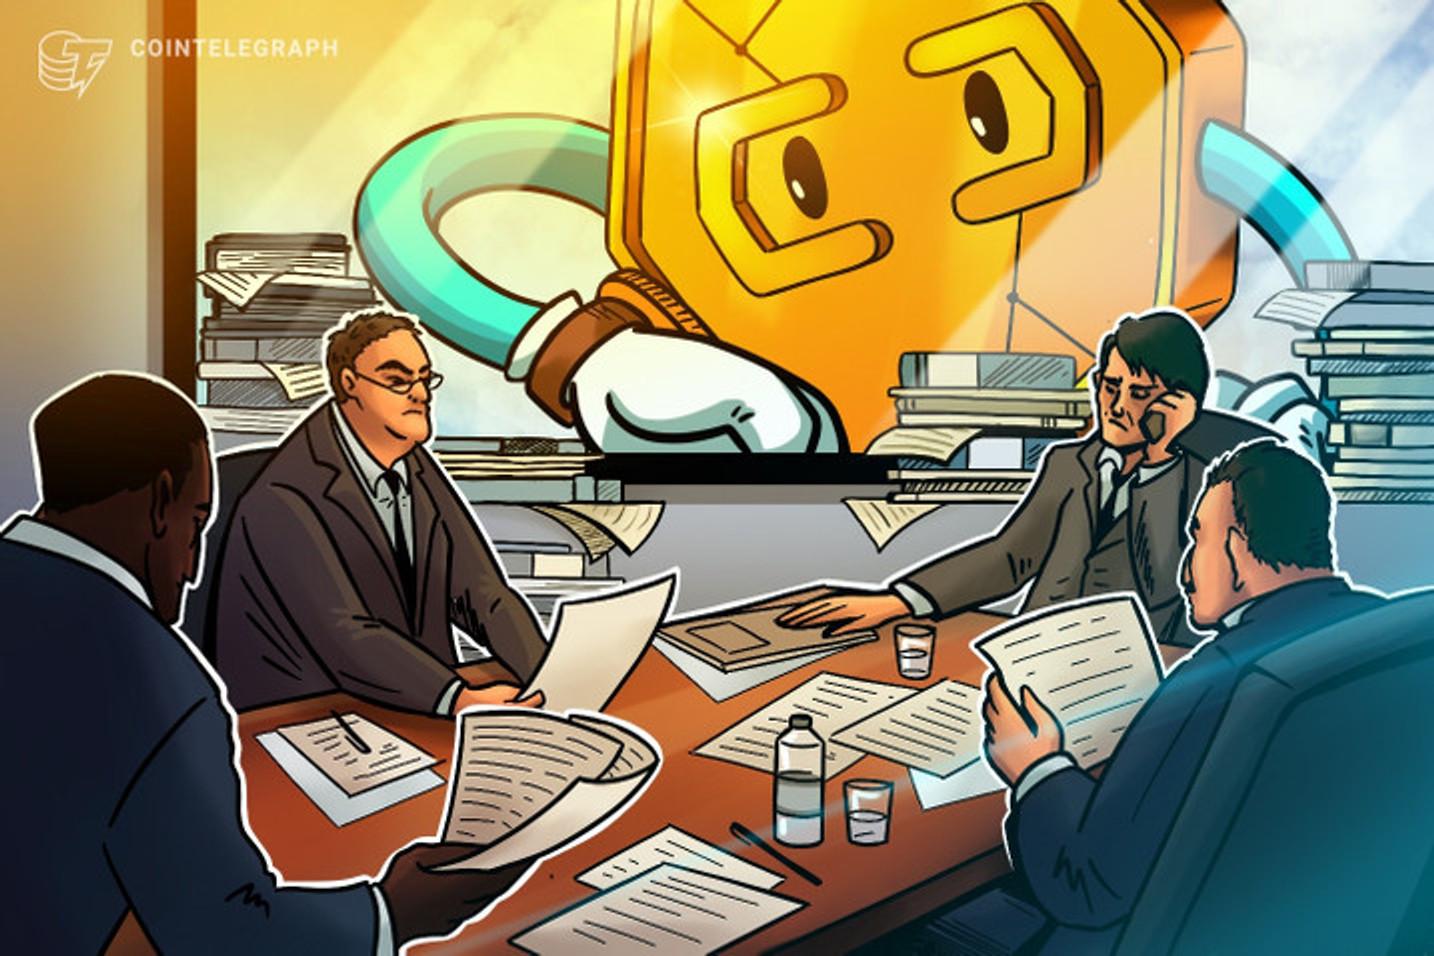 Los mercados decidirán las regulaciones, no el gobierno, afirma el Controlador de Monedas